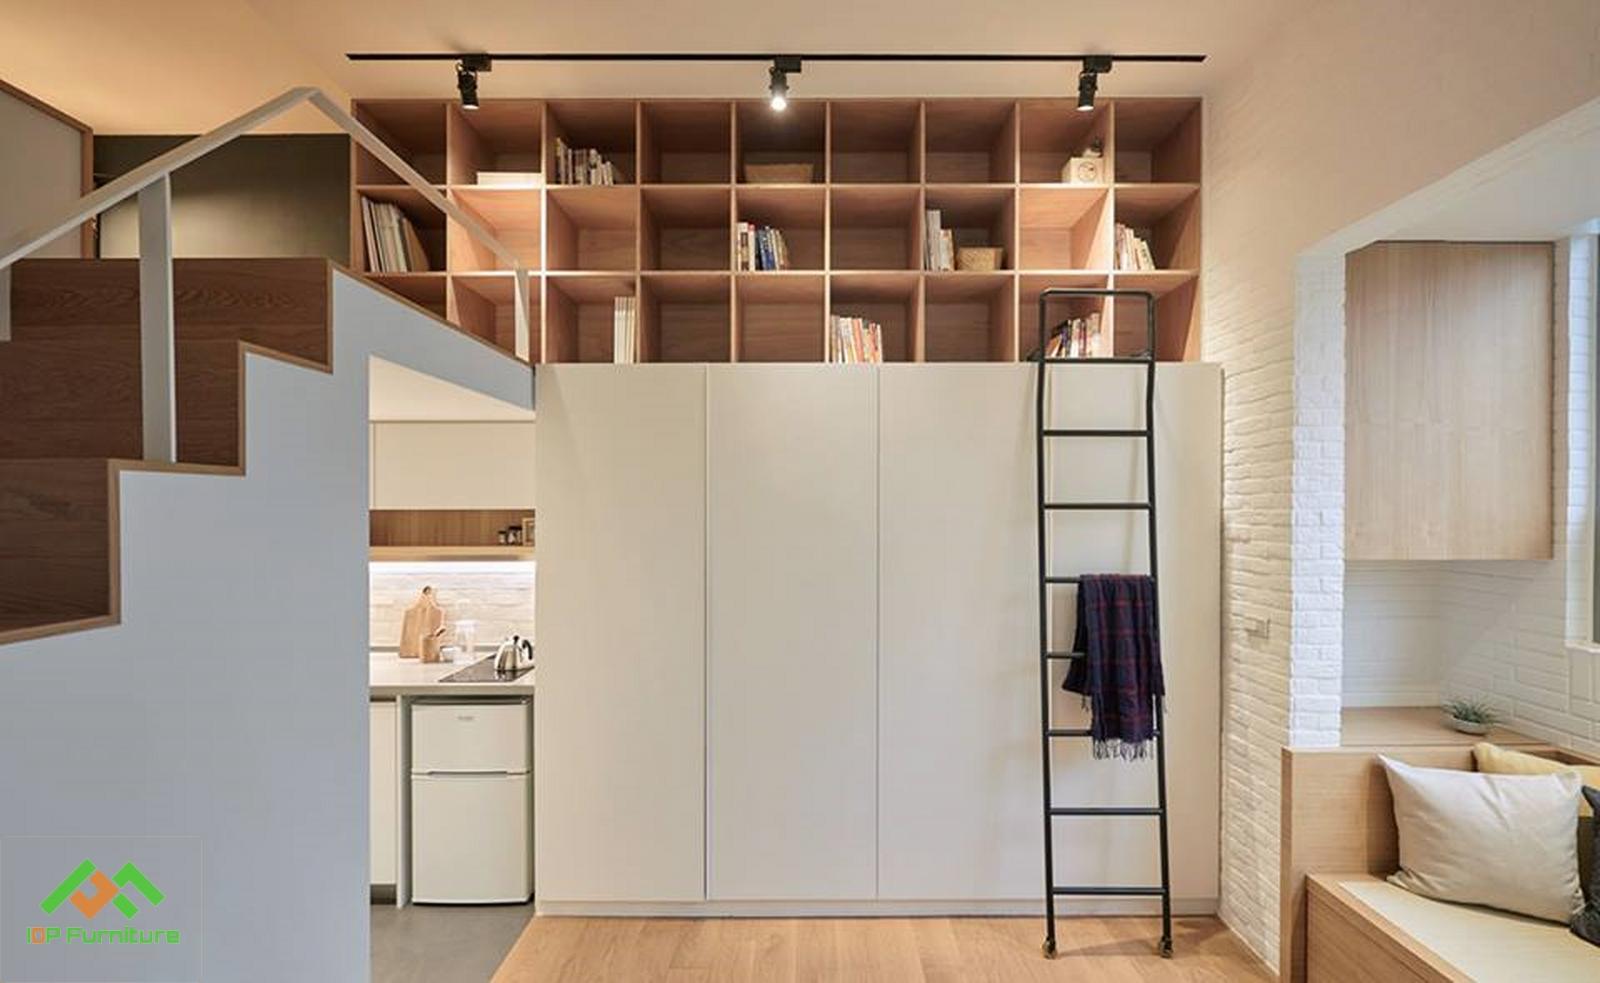 thiết kế căn hộ nhỏ dưới 30m vuông hiện đại và cá tính